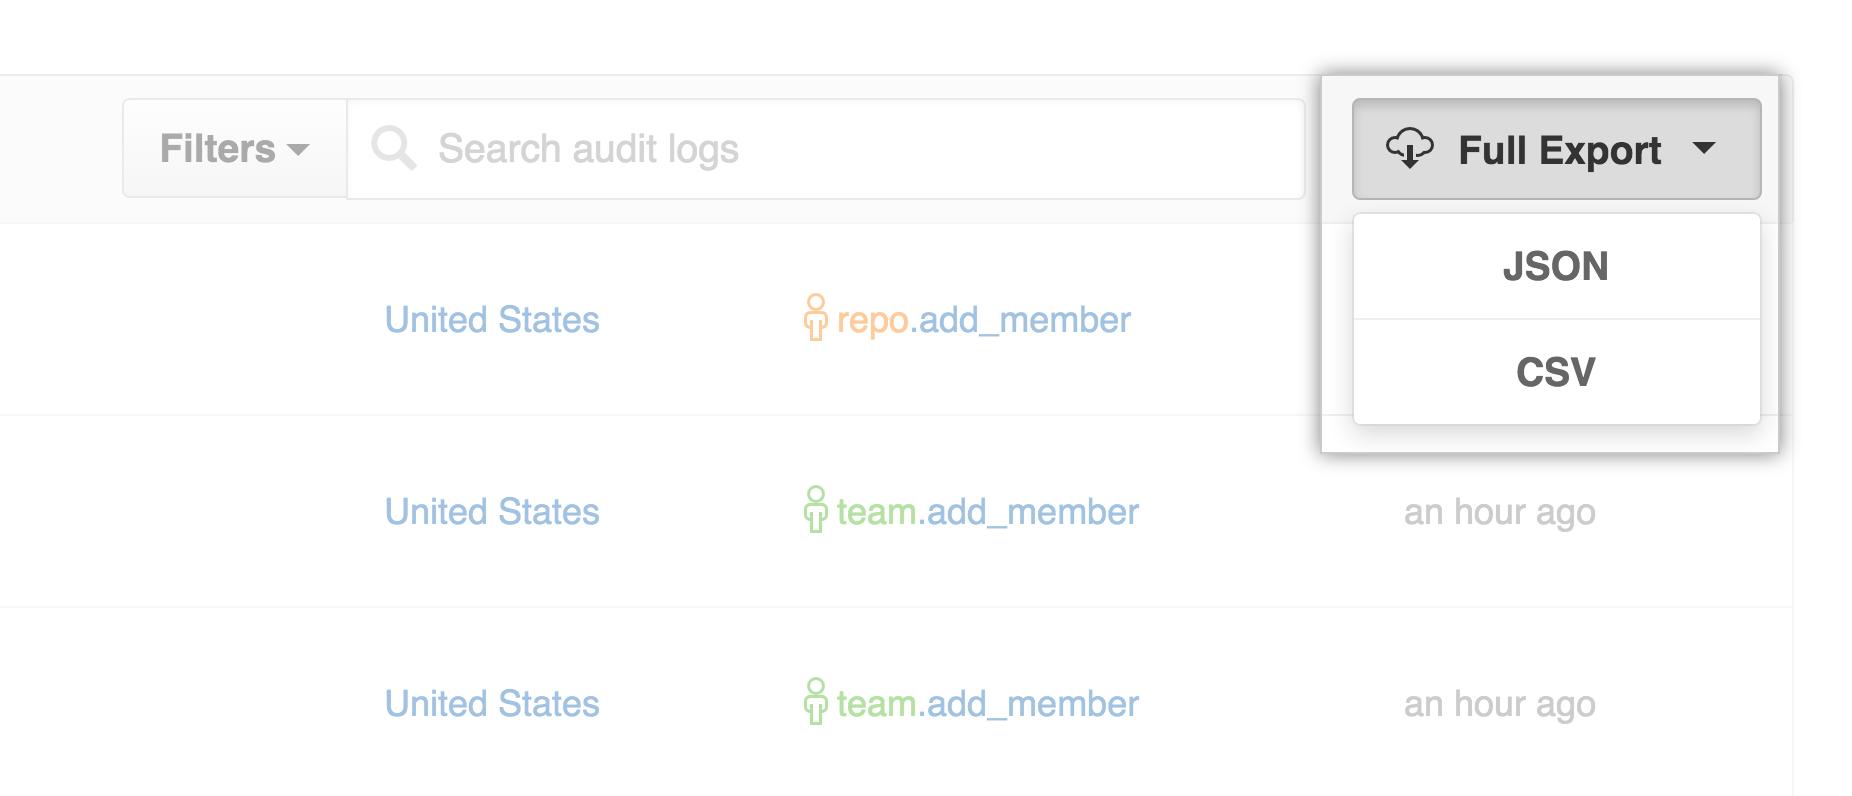 Audit log export